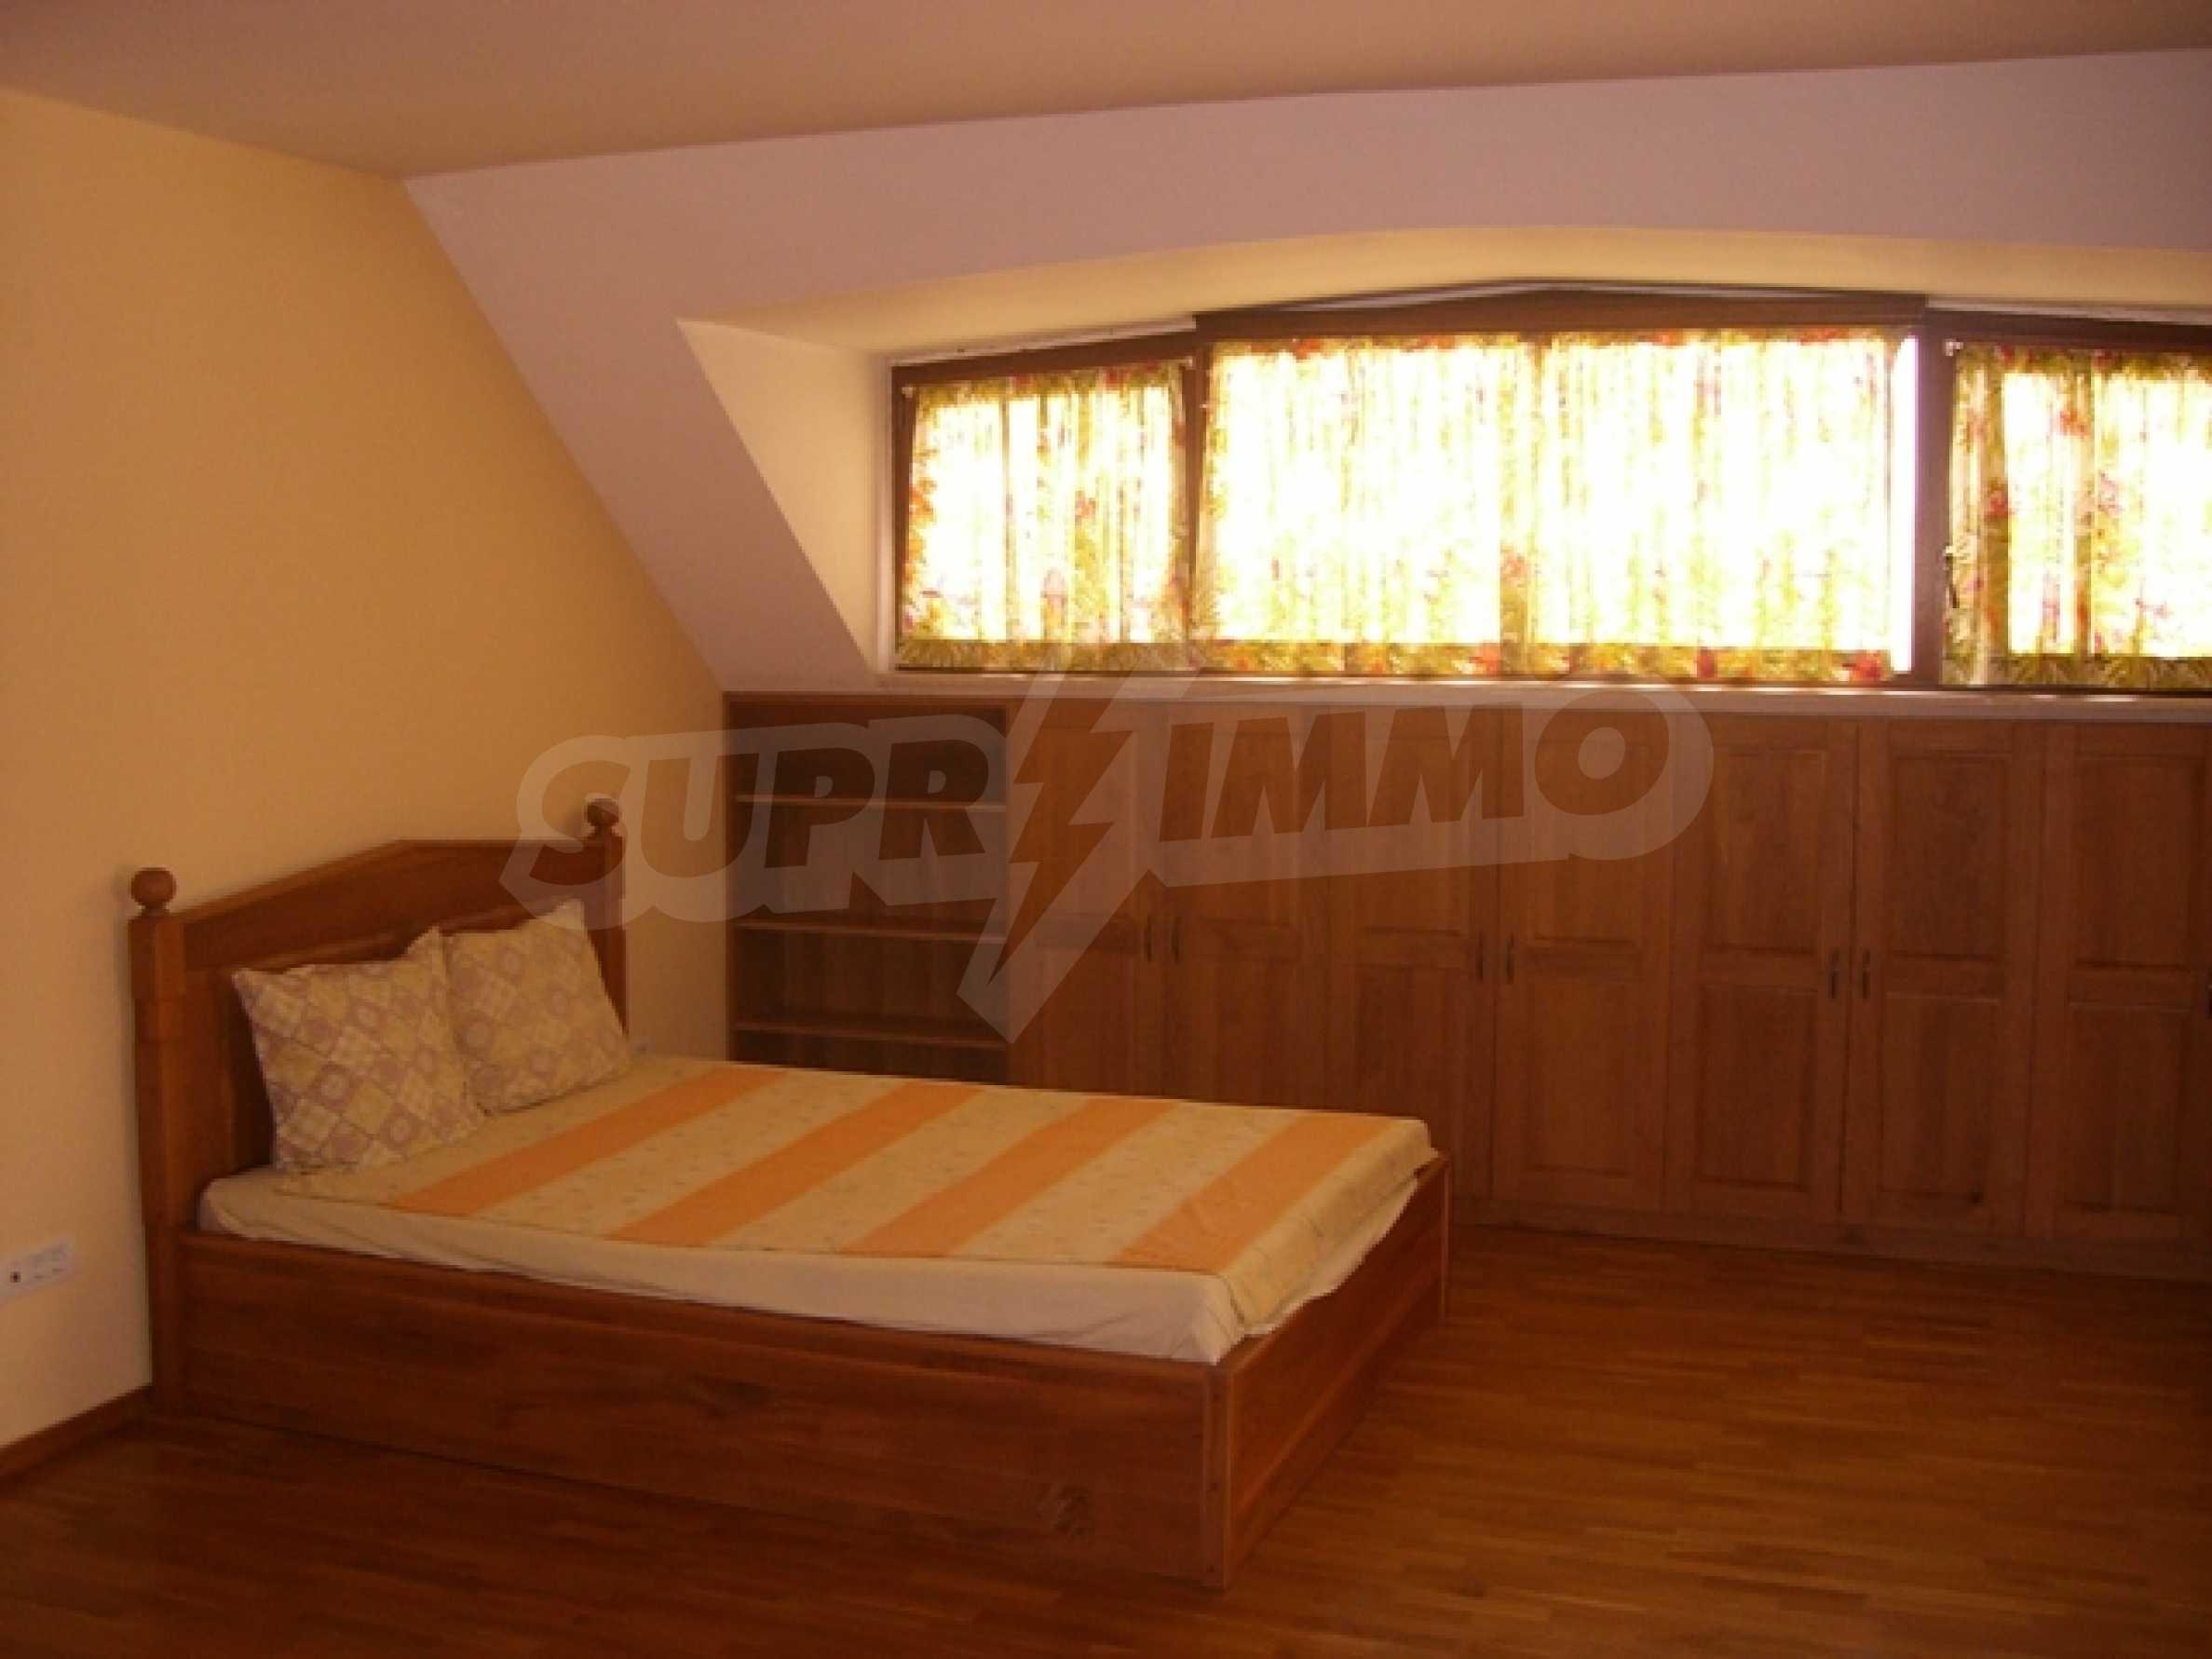 Residenz bulgarischen Traumhaus 41